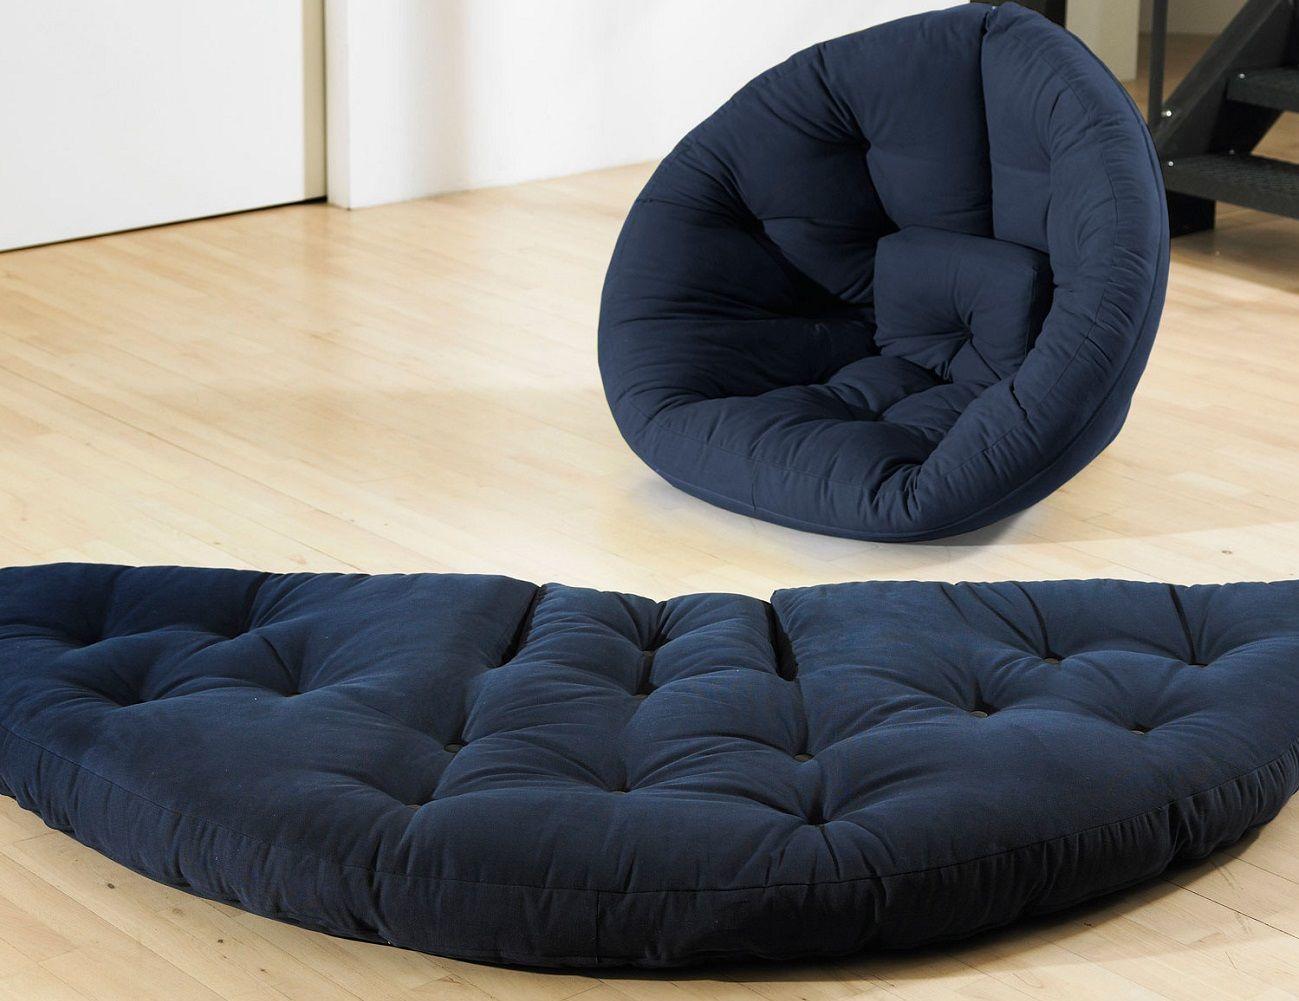 Как из матраца сделать диван